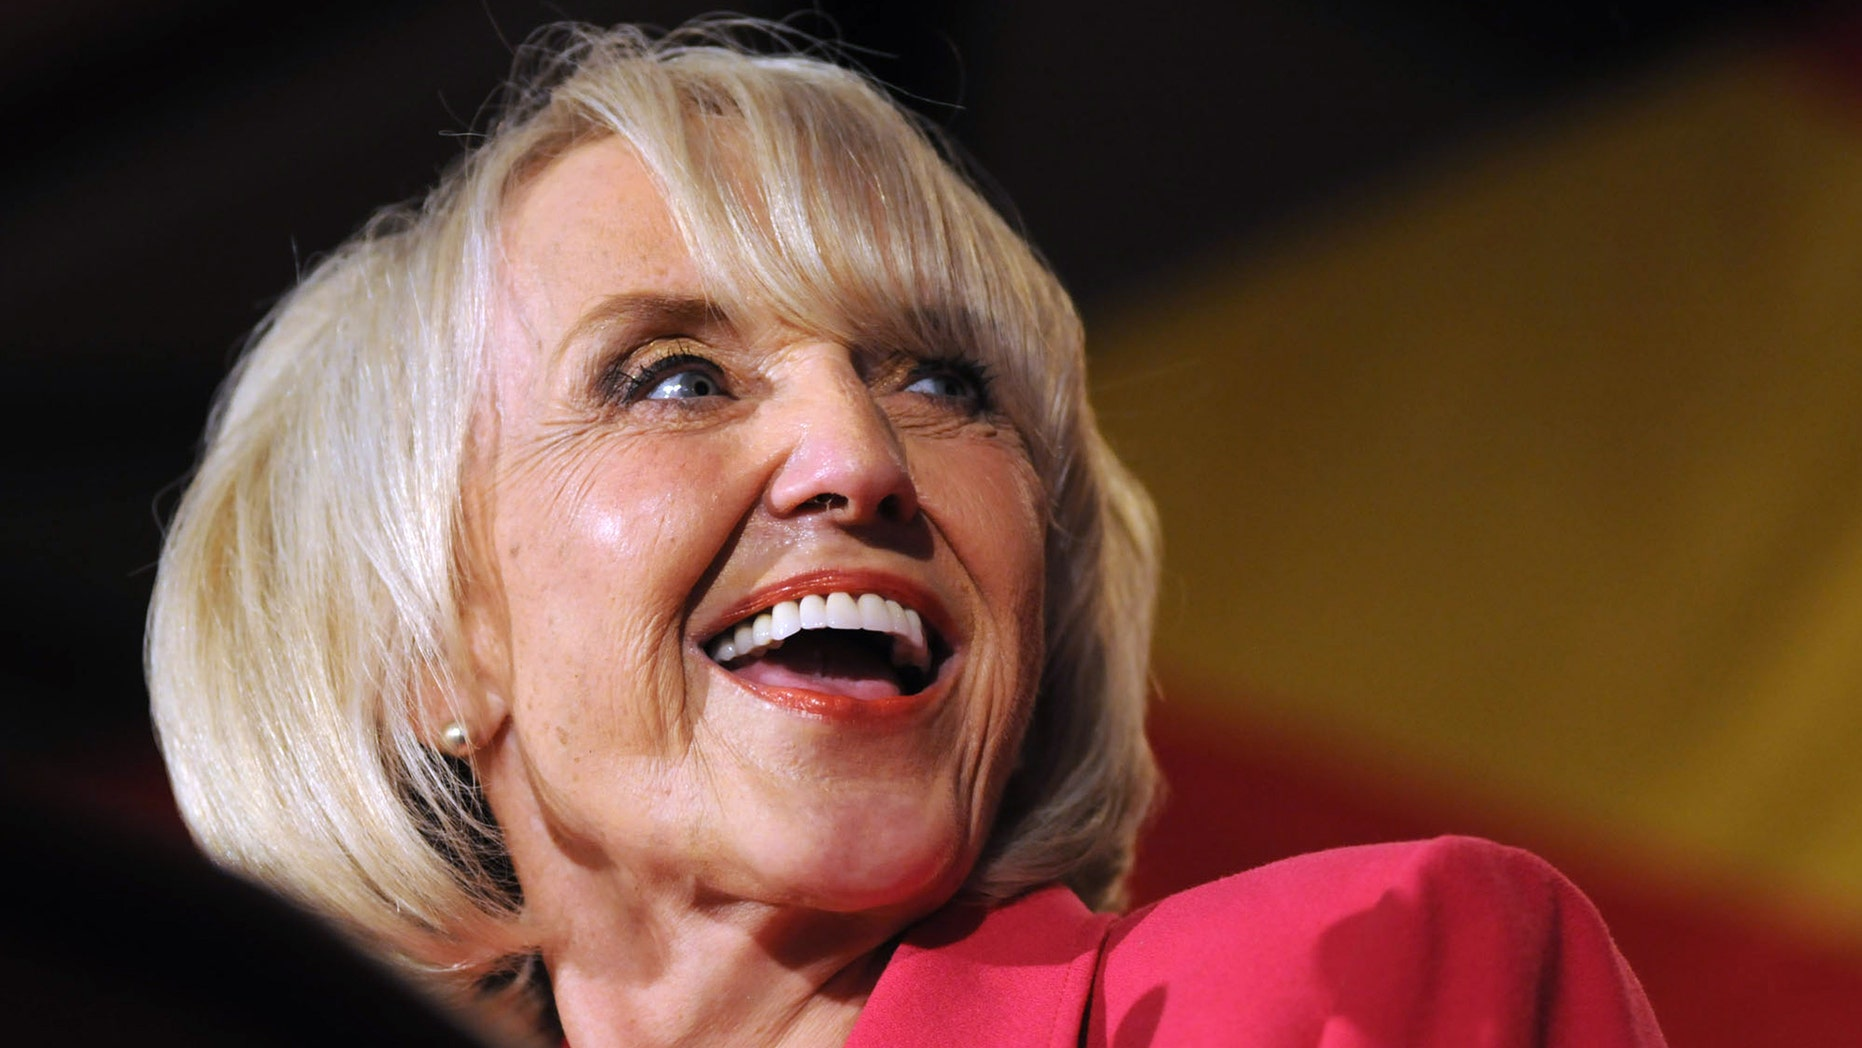 La gobernadora de Arizona Jan Brewer habla durante un evento del partido Republicano el 2 de noviembre del 2010 en Phoenix, Arizona. (Photo by Laura Segall/Getty Images)